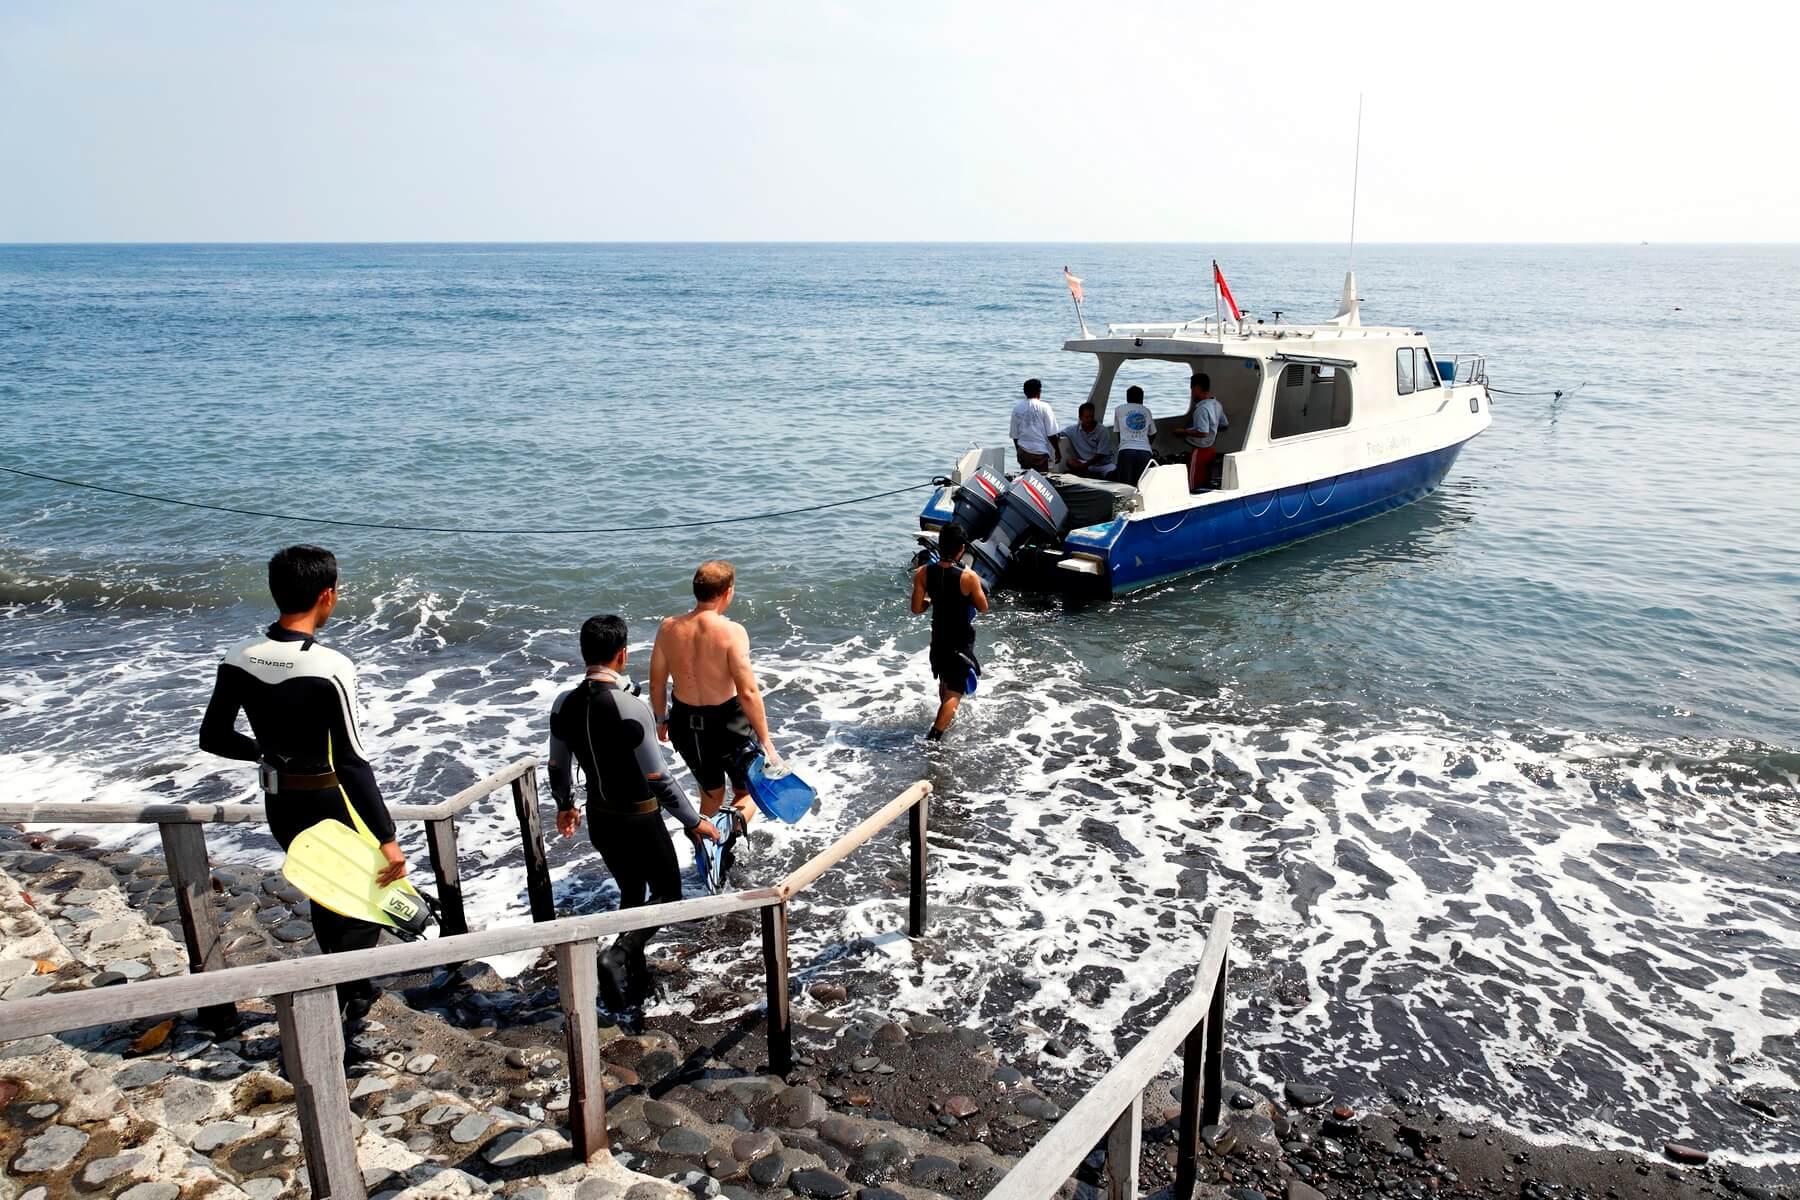 Urlauber brechen mit einem Tauchboot zu einem Tauchausflug in den Gewässern nahe des Alam Anda Ocean Front Resort & Spa auf.